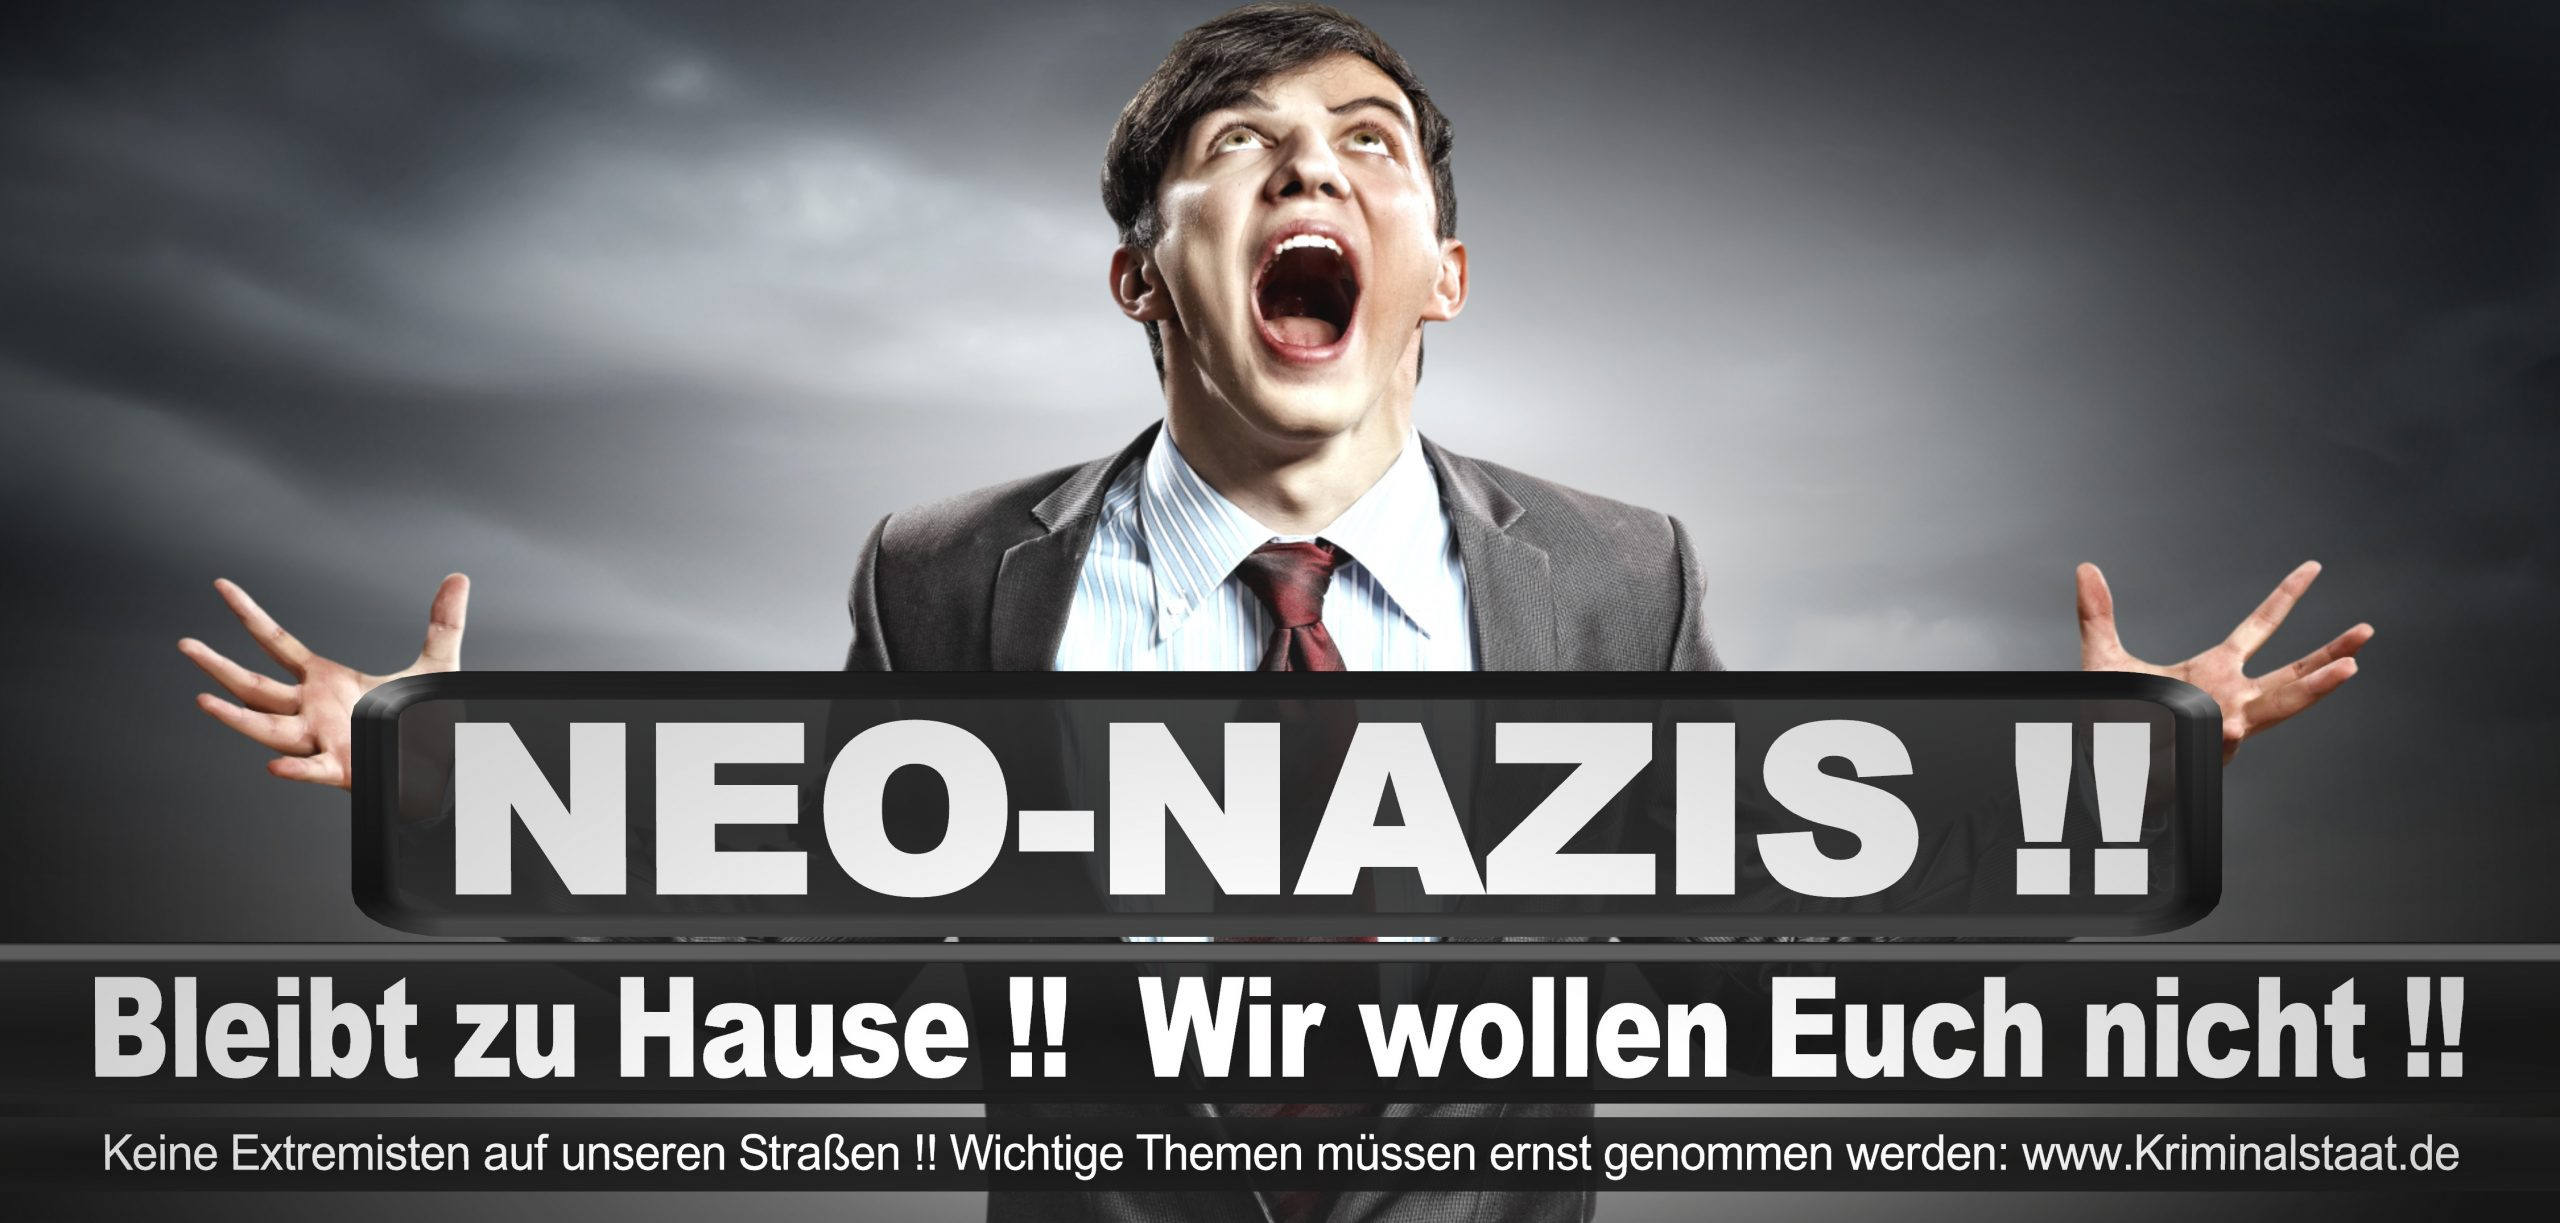 Bundestagswahl 2021 Wahlplakate CDU SPD FDP AFD Grüne Linke Stimmzettel Prognose Umfrage Kandidaten Parteien Datum (1)